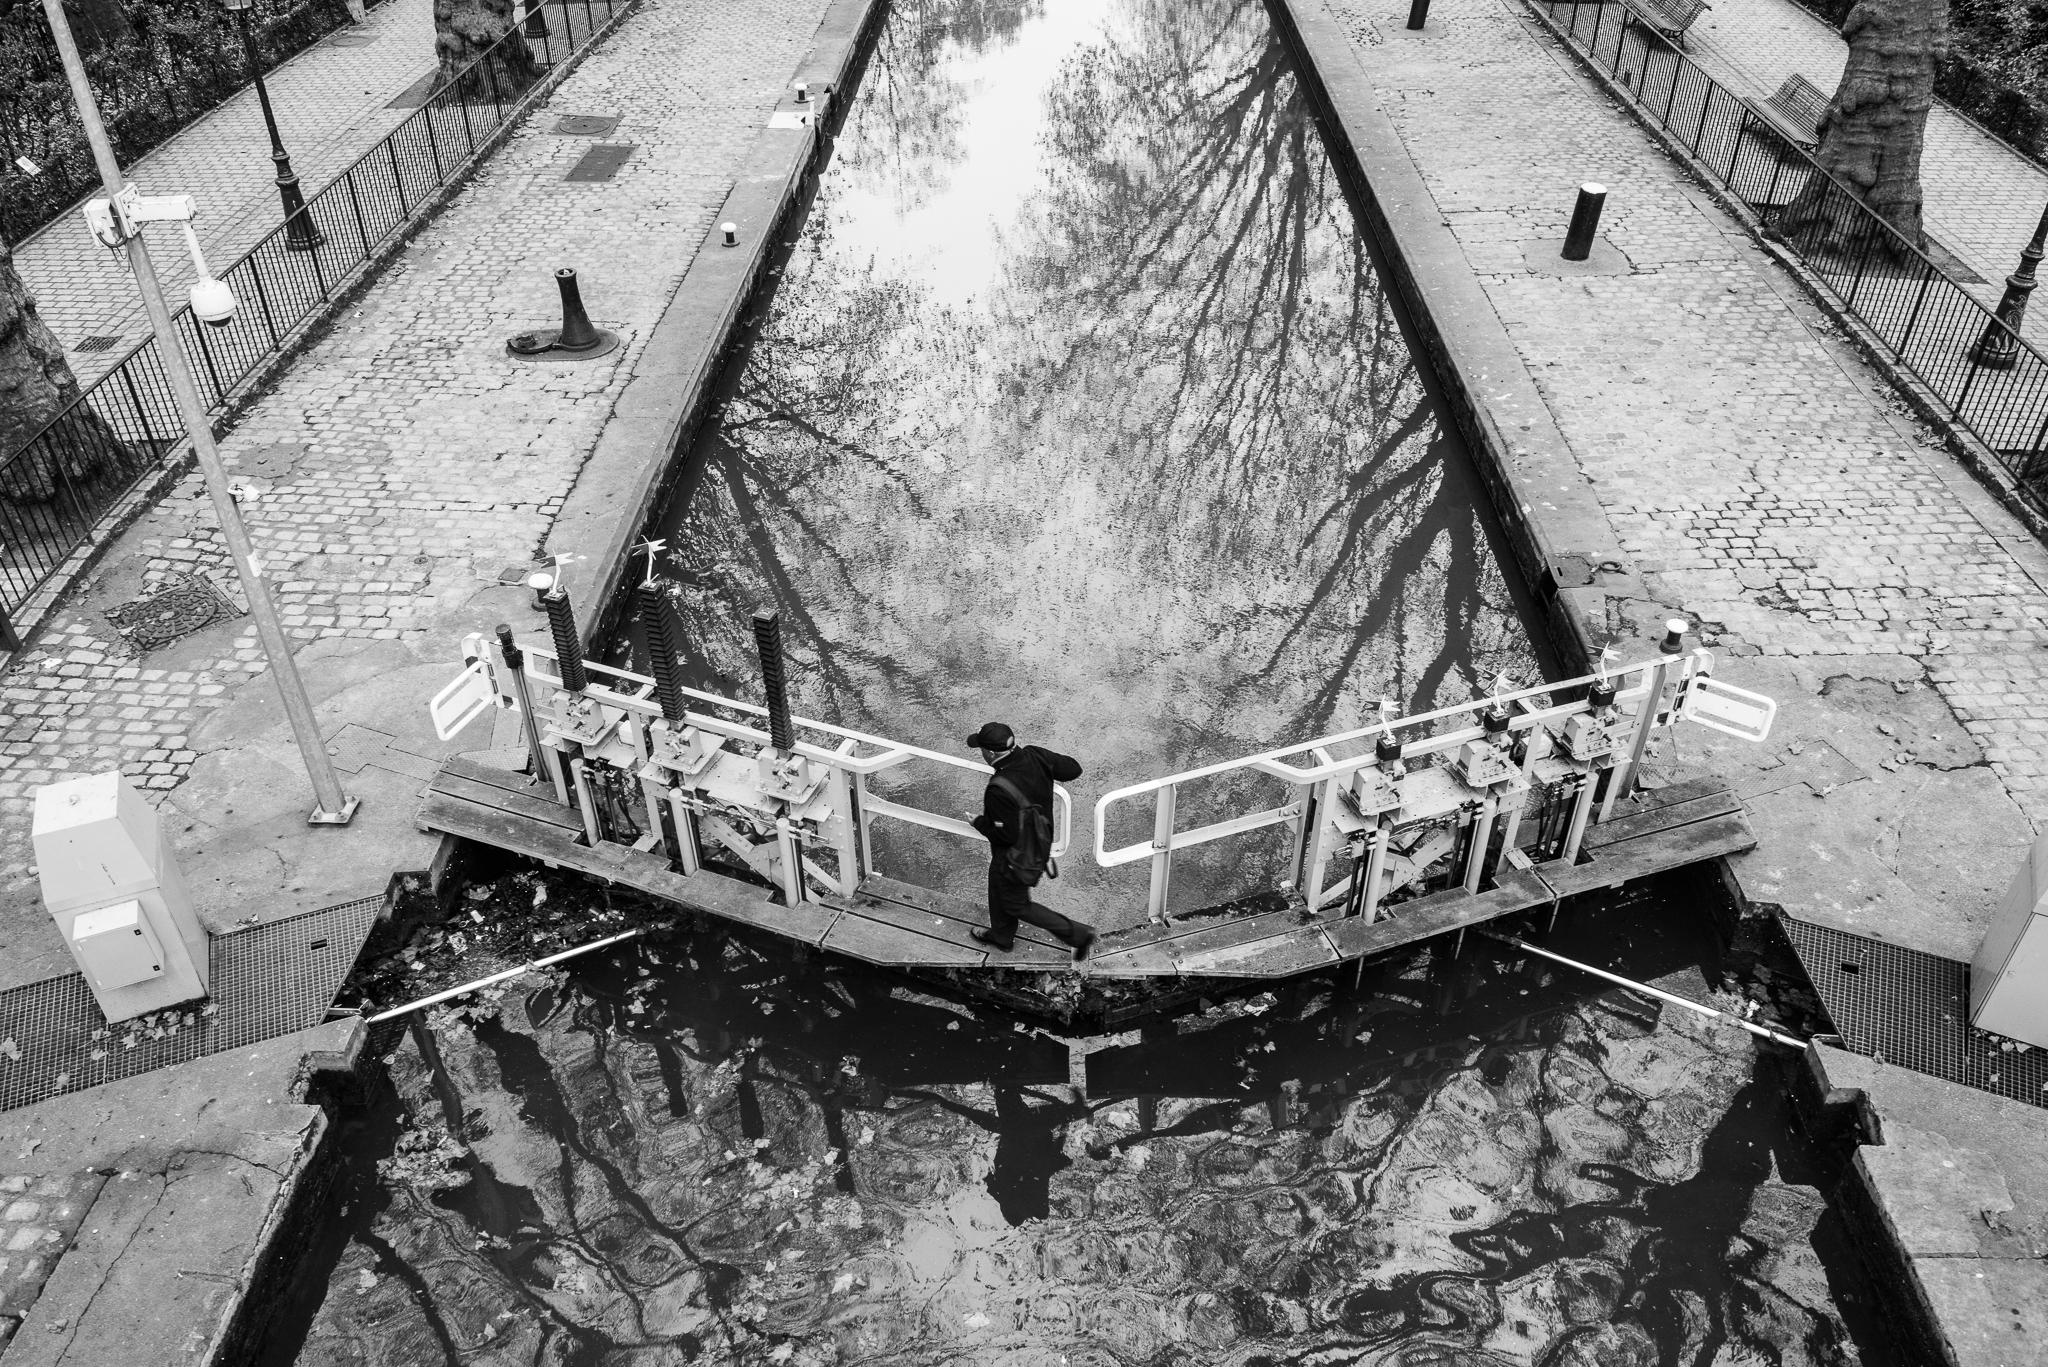 Jason-Davis-Images-Paris-0029.jpg